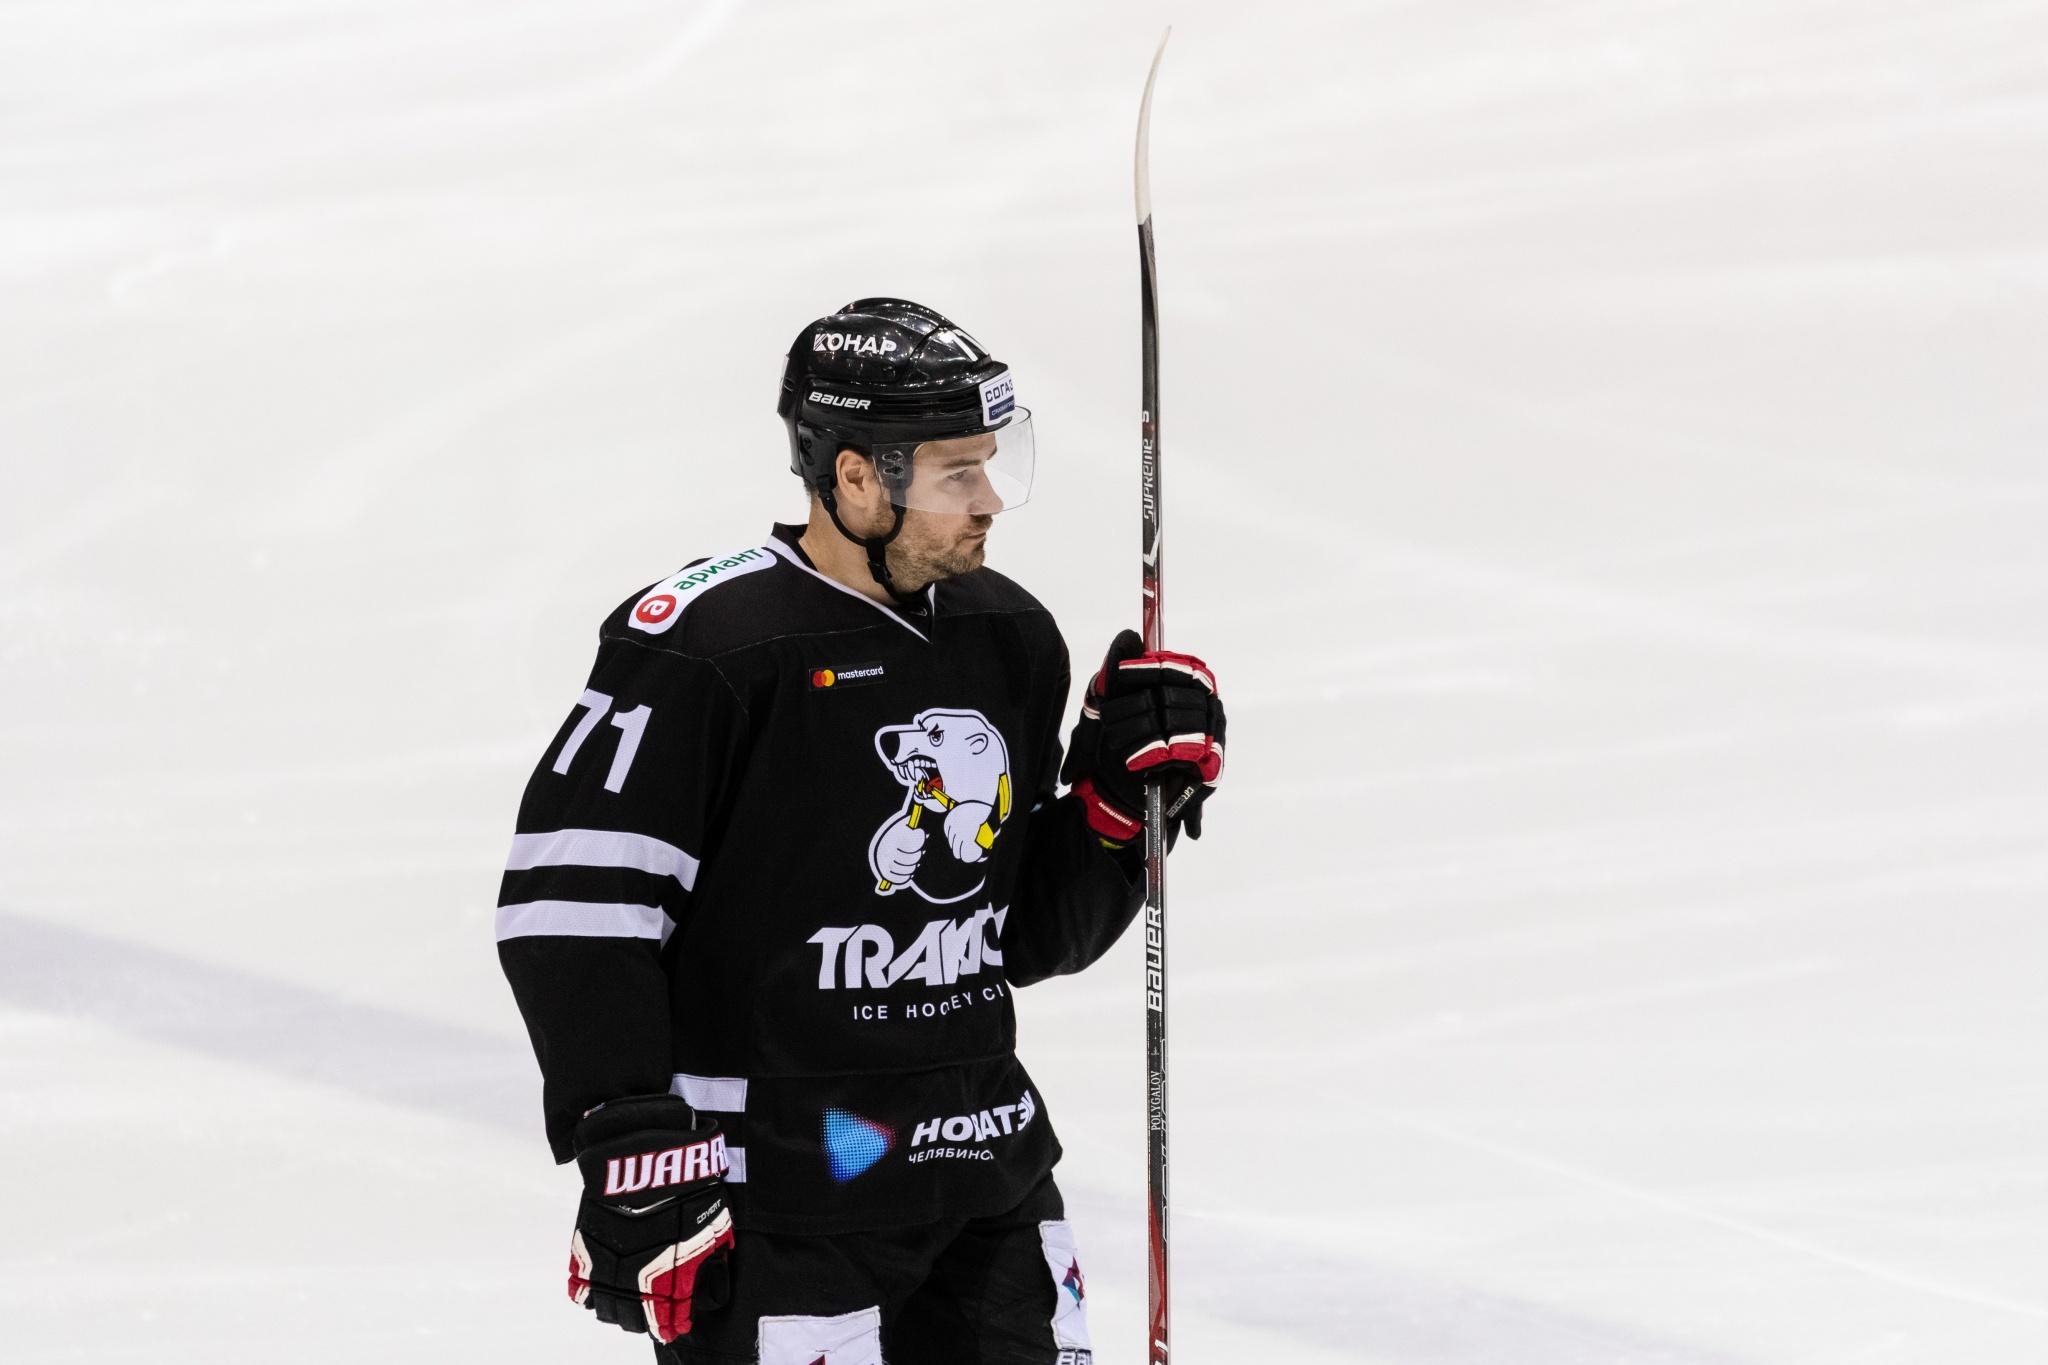 Игорь Полыгалов. Фото: Павел Табарчук